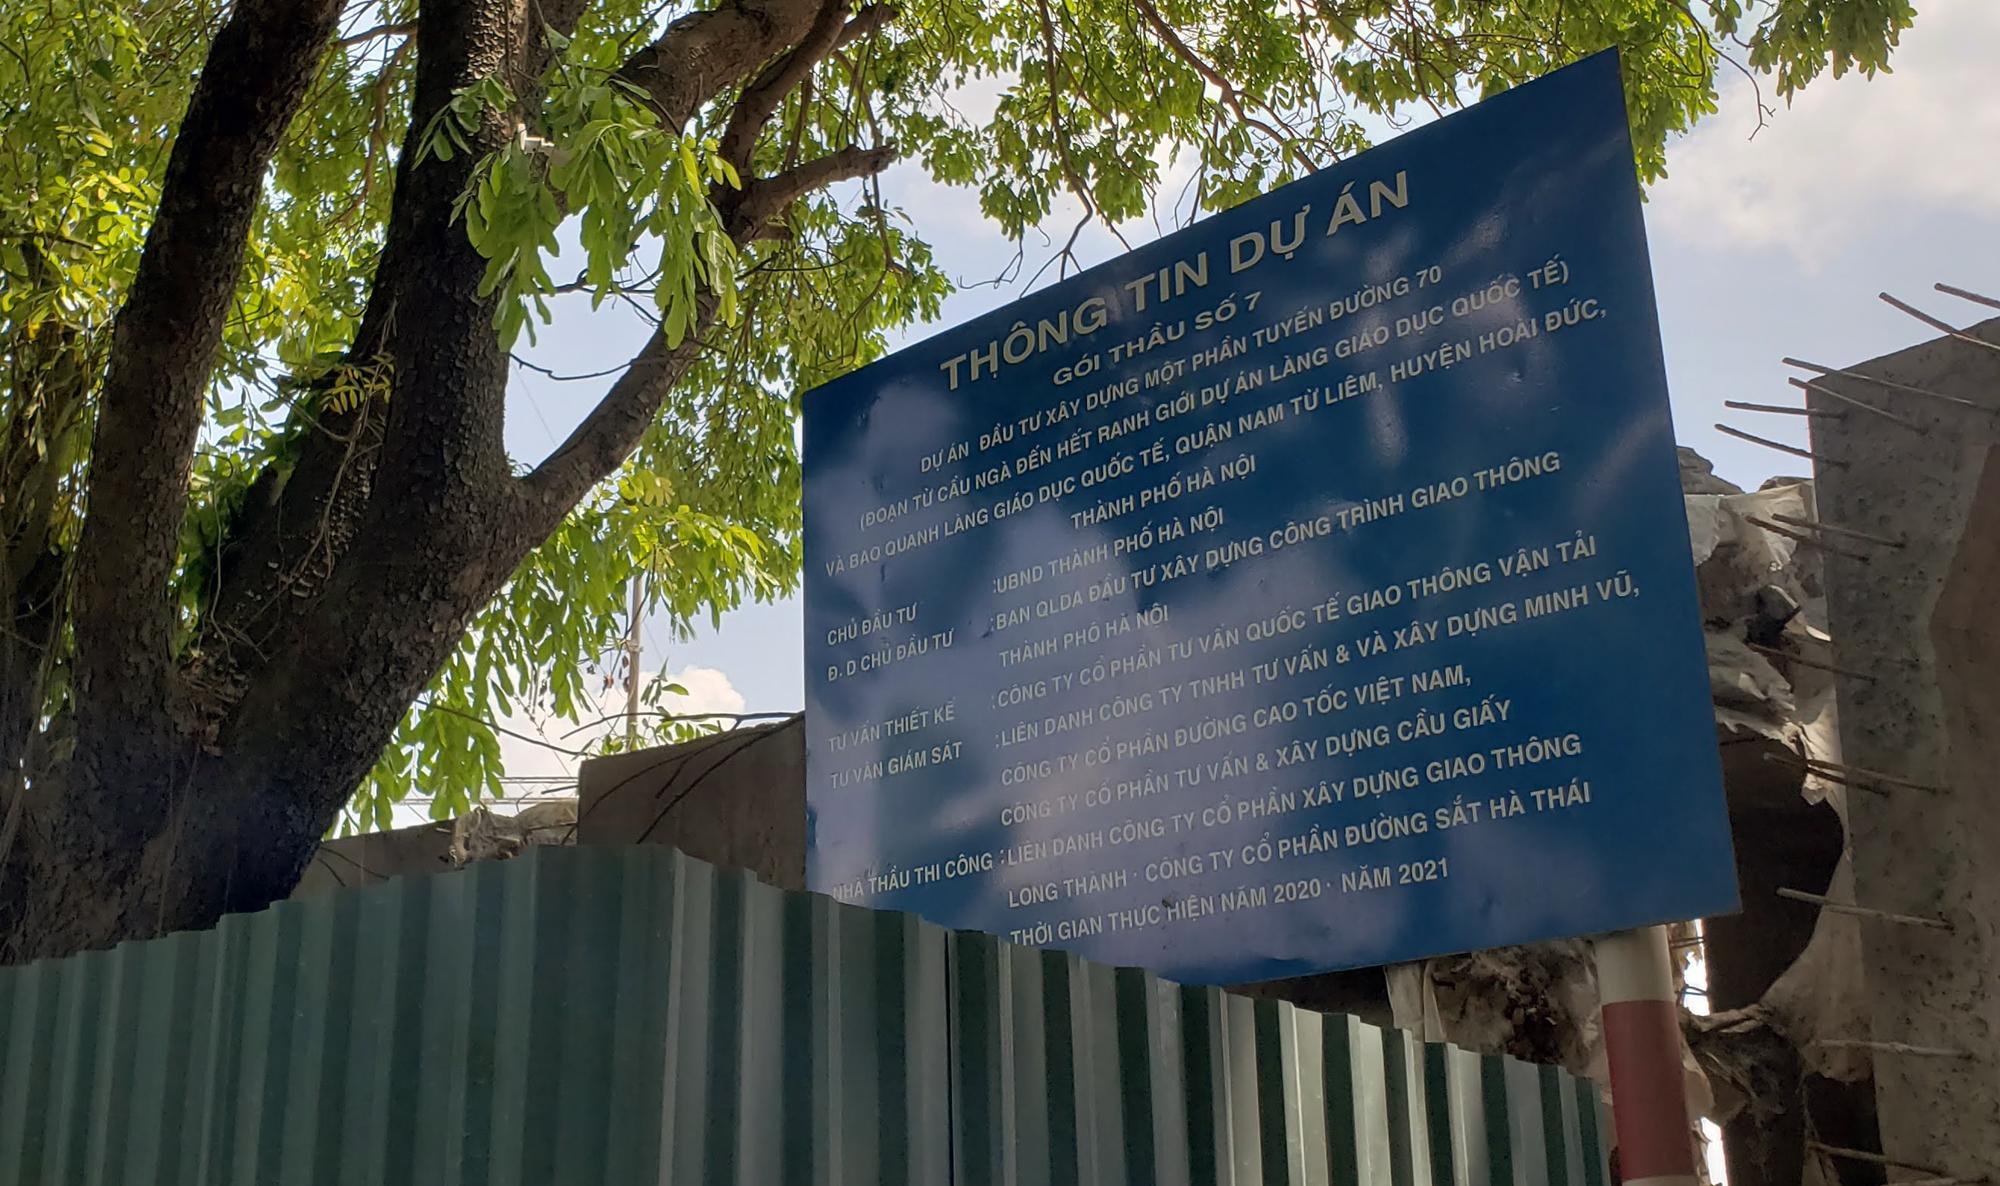 Đang làm một phần đường 70 ở quận Nam Từ Liêm từ cầu Ngà đến hết ranh giới dự án Làng giáo dục Quốc tế - Ảnh 15.